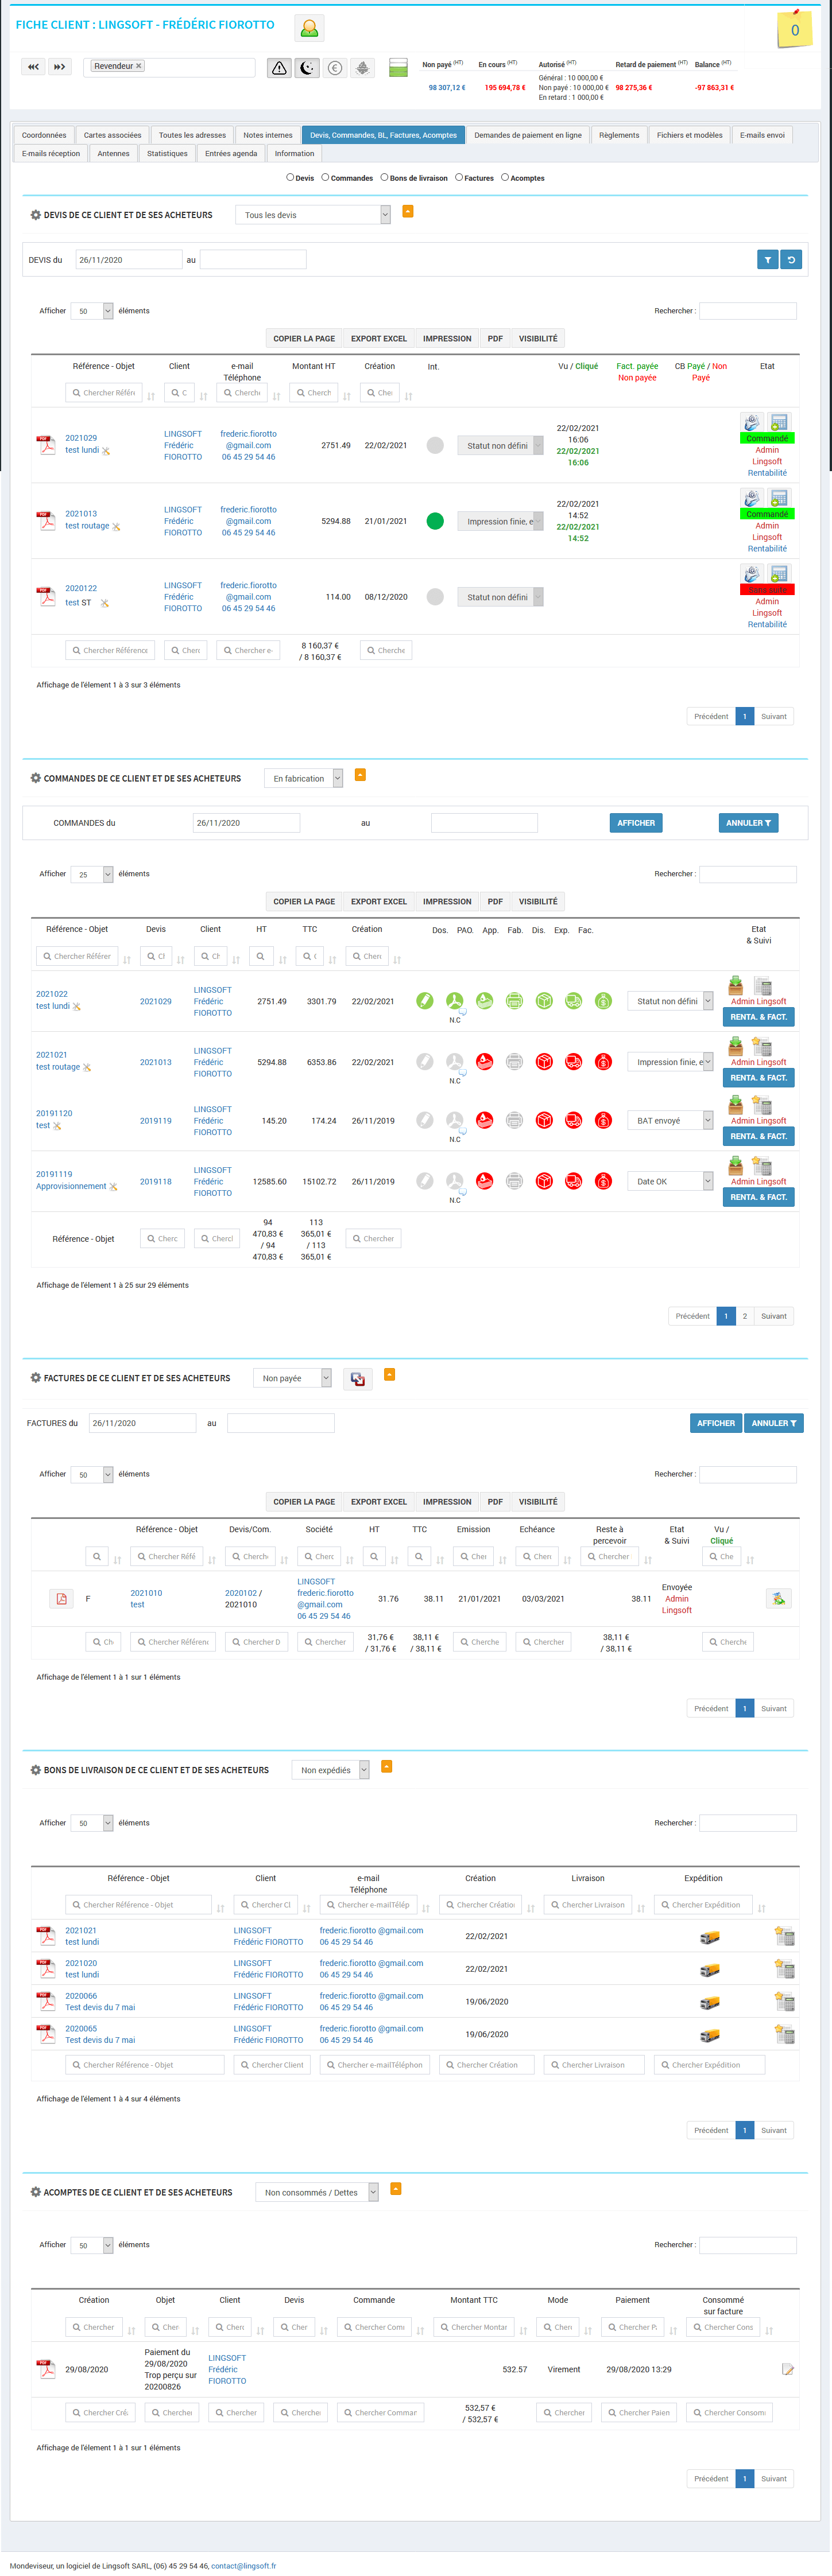 CRM - Mondeviseur - gestion des pièces client devis, commande, bl, factuares